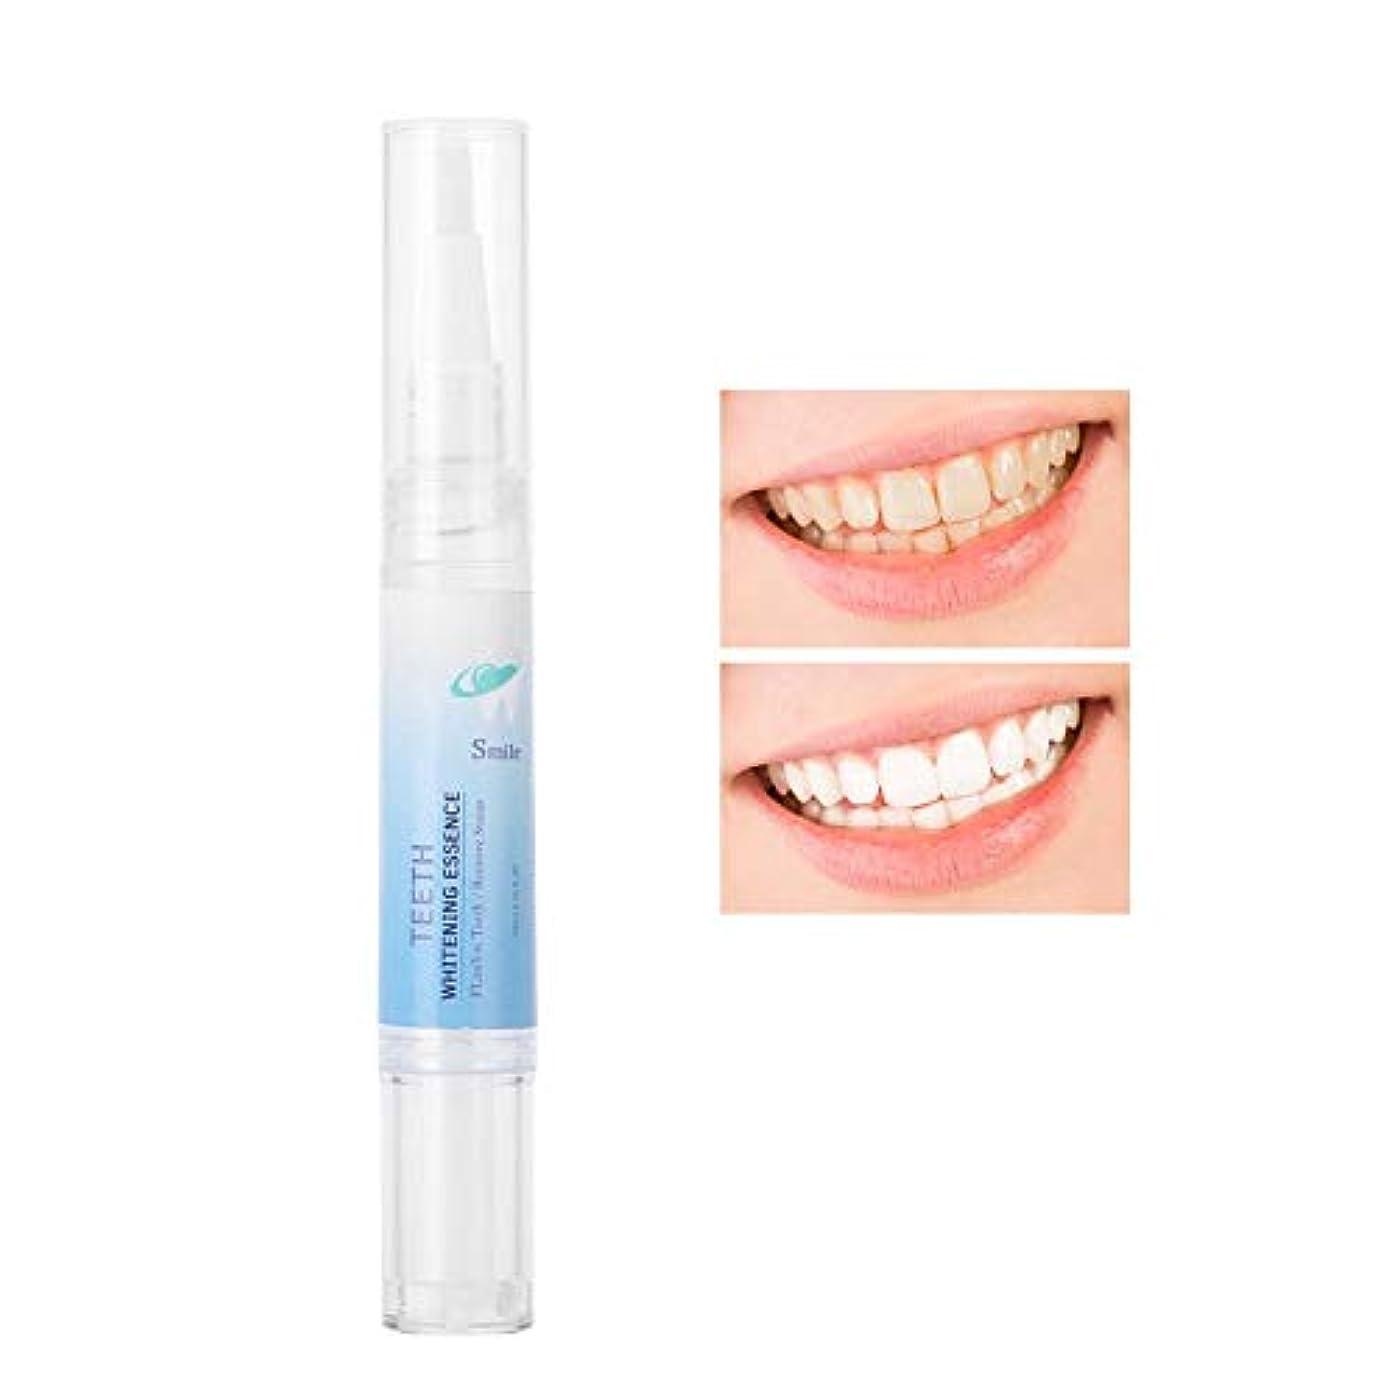 デンマーク好意ウェイター歯ホワイトニングペン 歯汚れのリムーバー 歯を白くする美白歯磨き